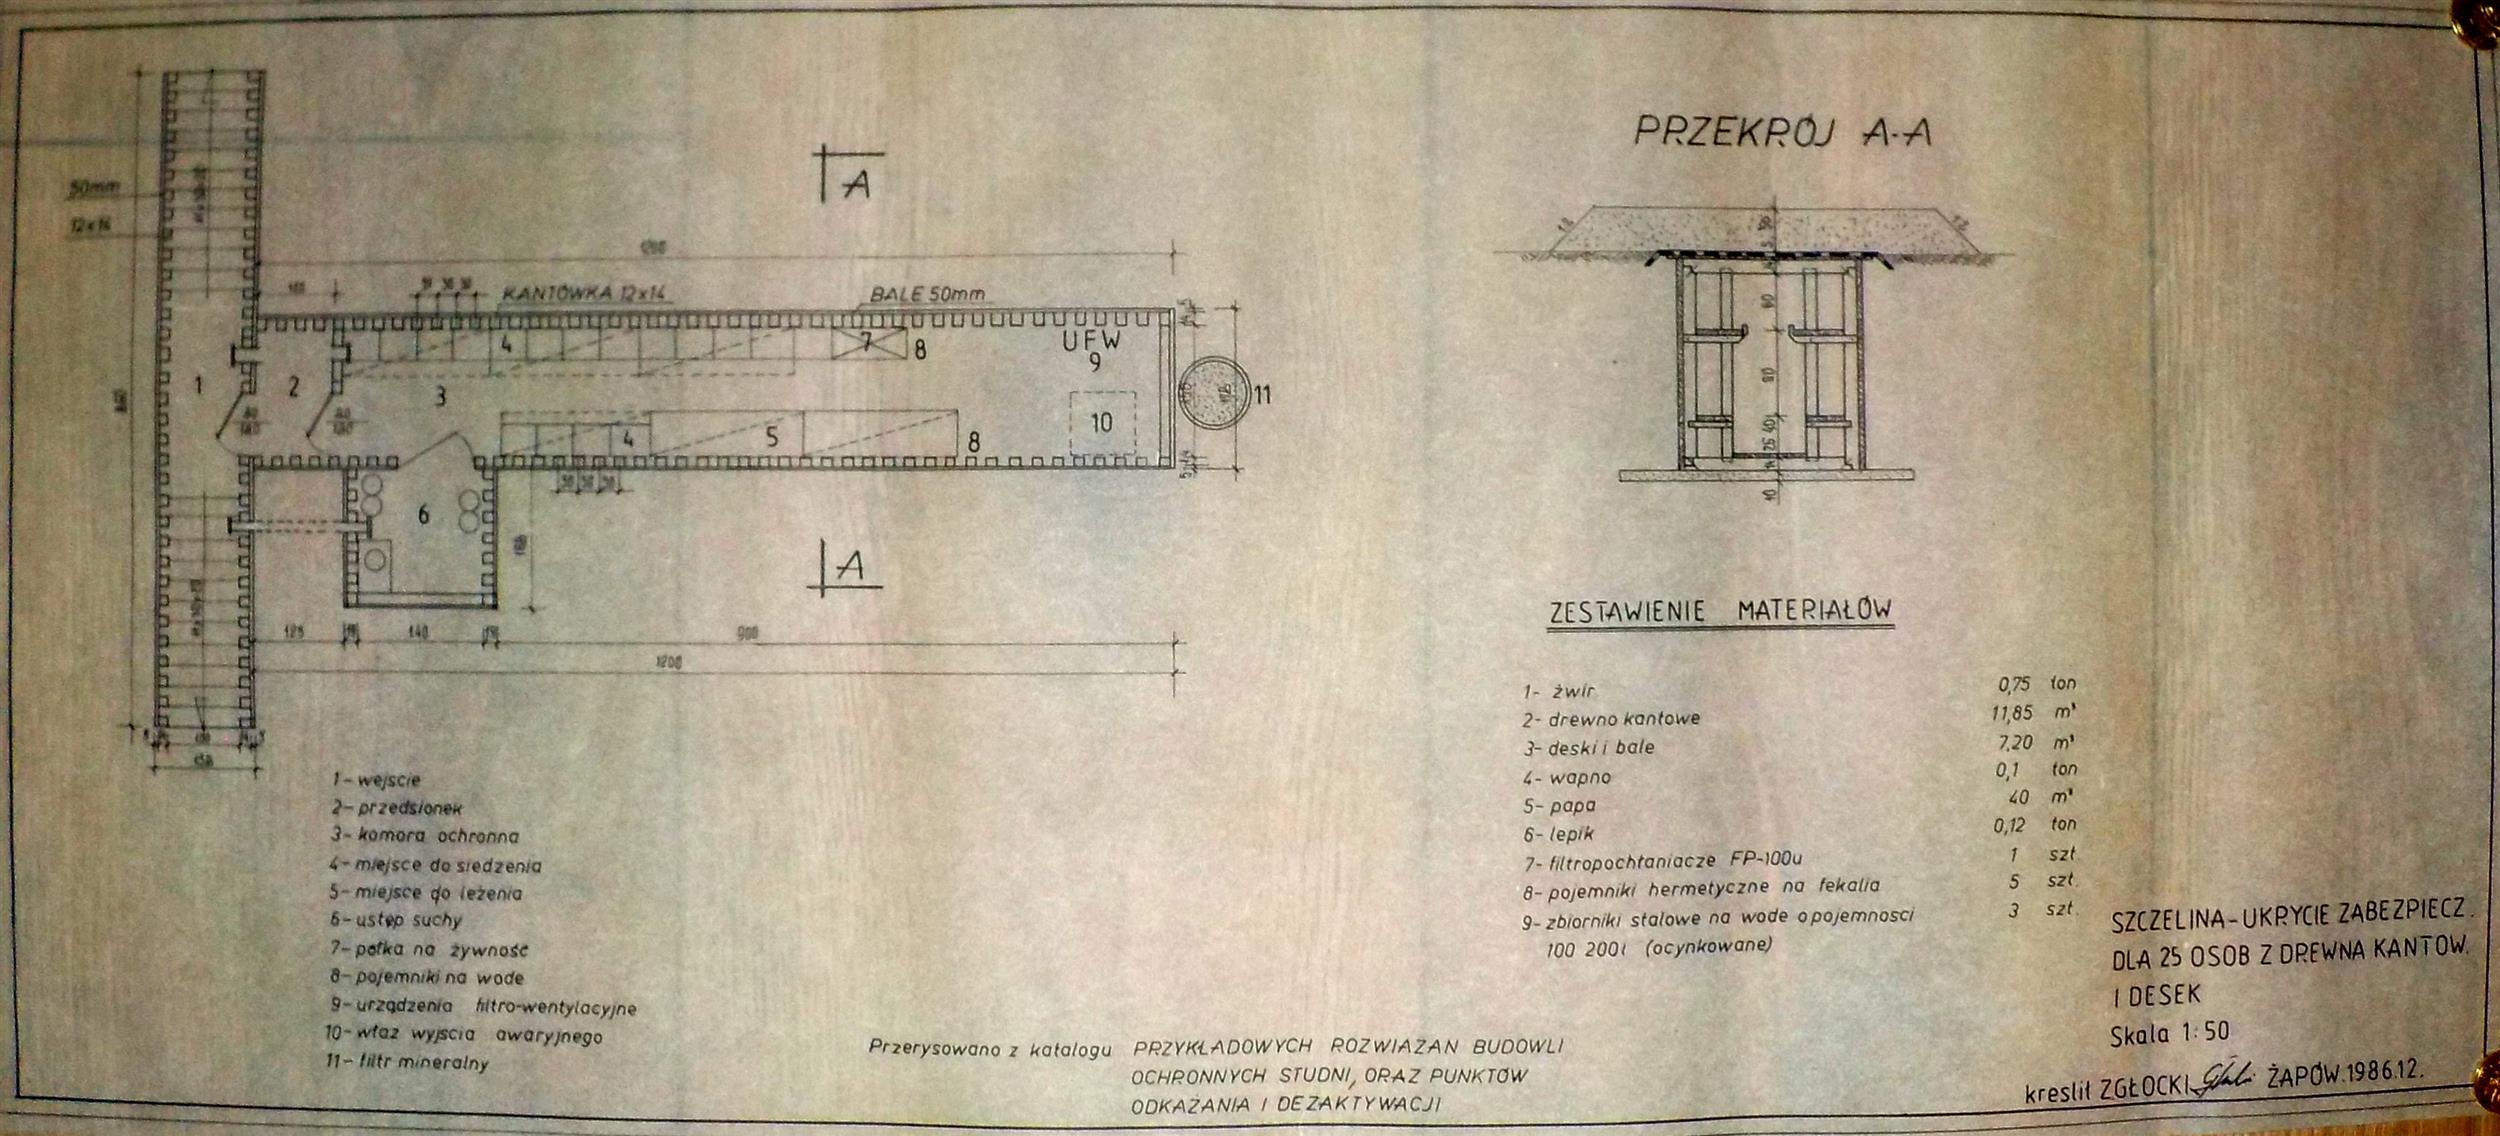 darowizna46 (1)